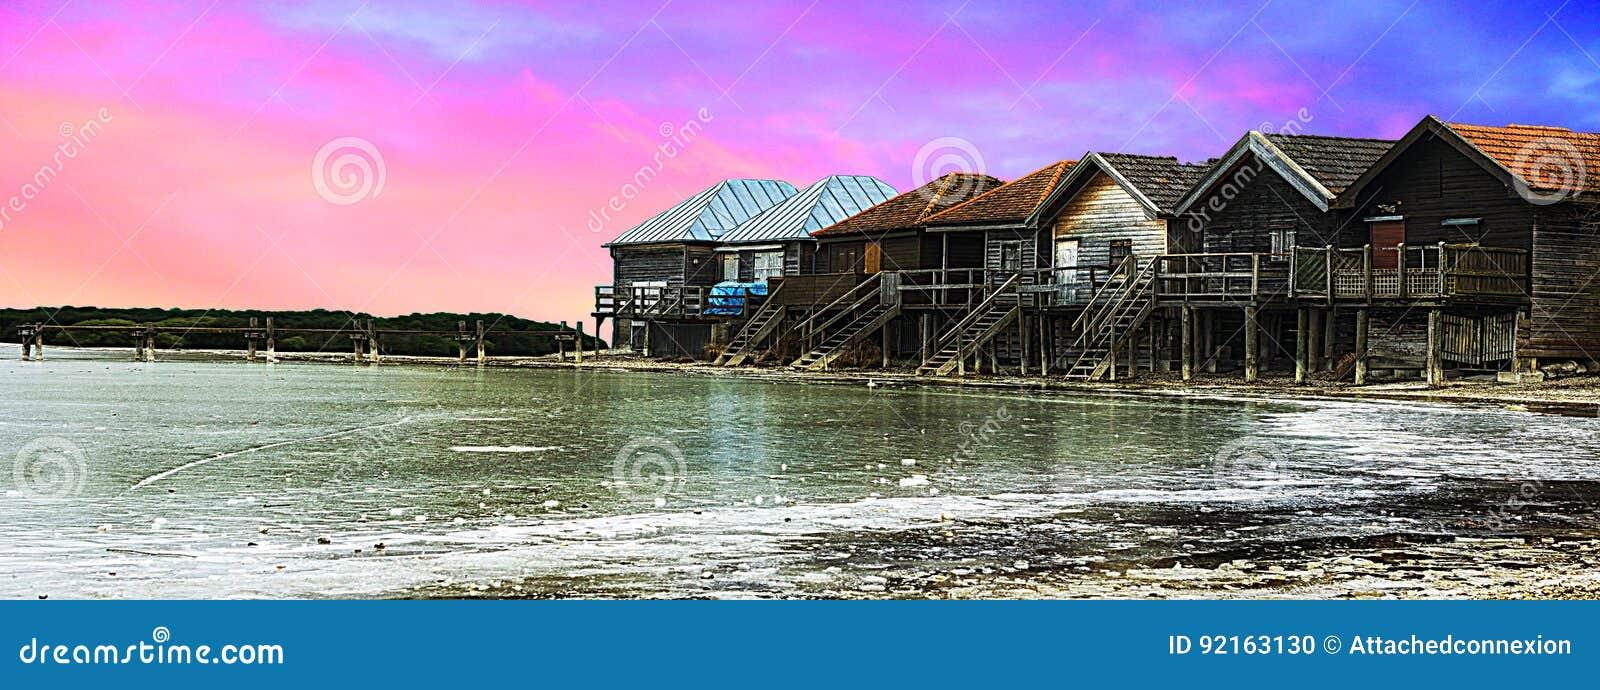 Vista panoramica, bello fiume, vecchie case di legno sopra il cielo variopinto e nuvole